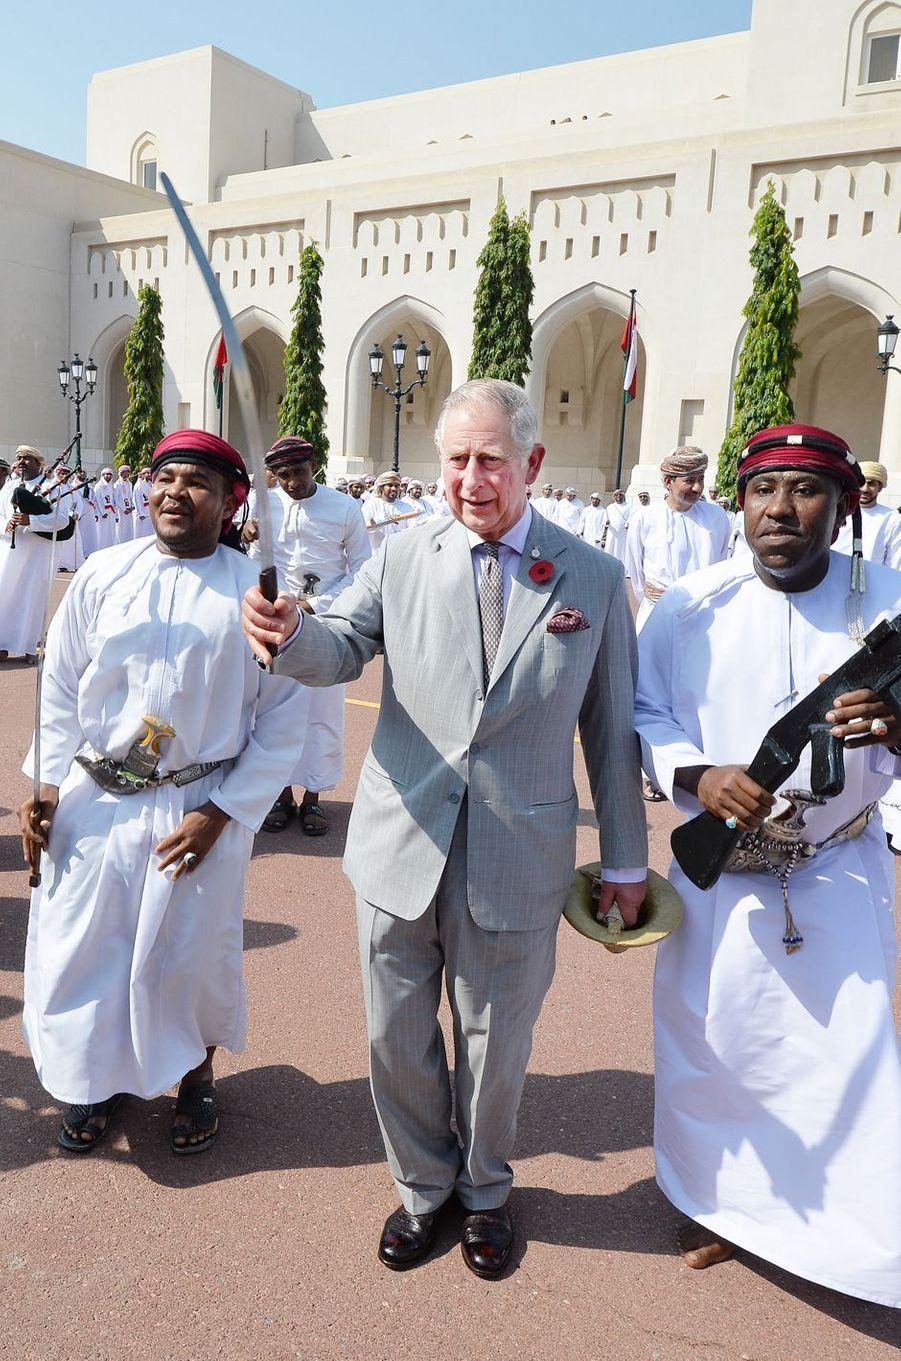 Le prince Charles s'initie à la danse du sabre au Sultanat d'Oman, le 5 novembre 2016